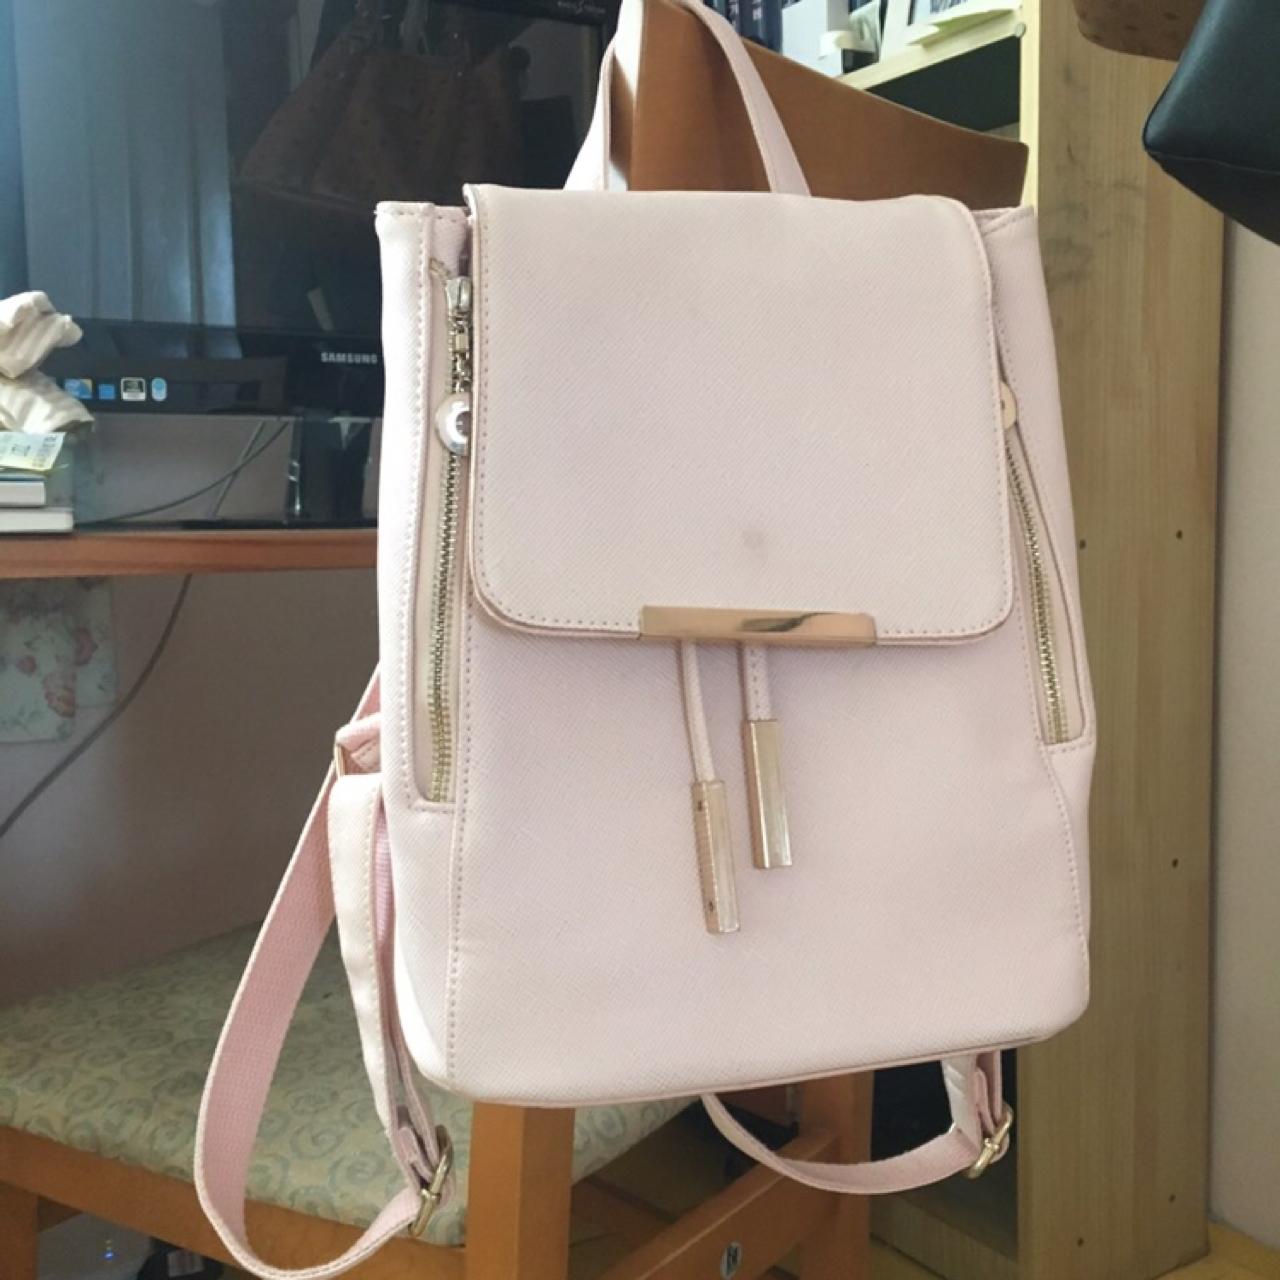 백화점 구매 핑크가방 판매합니다!